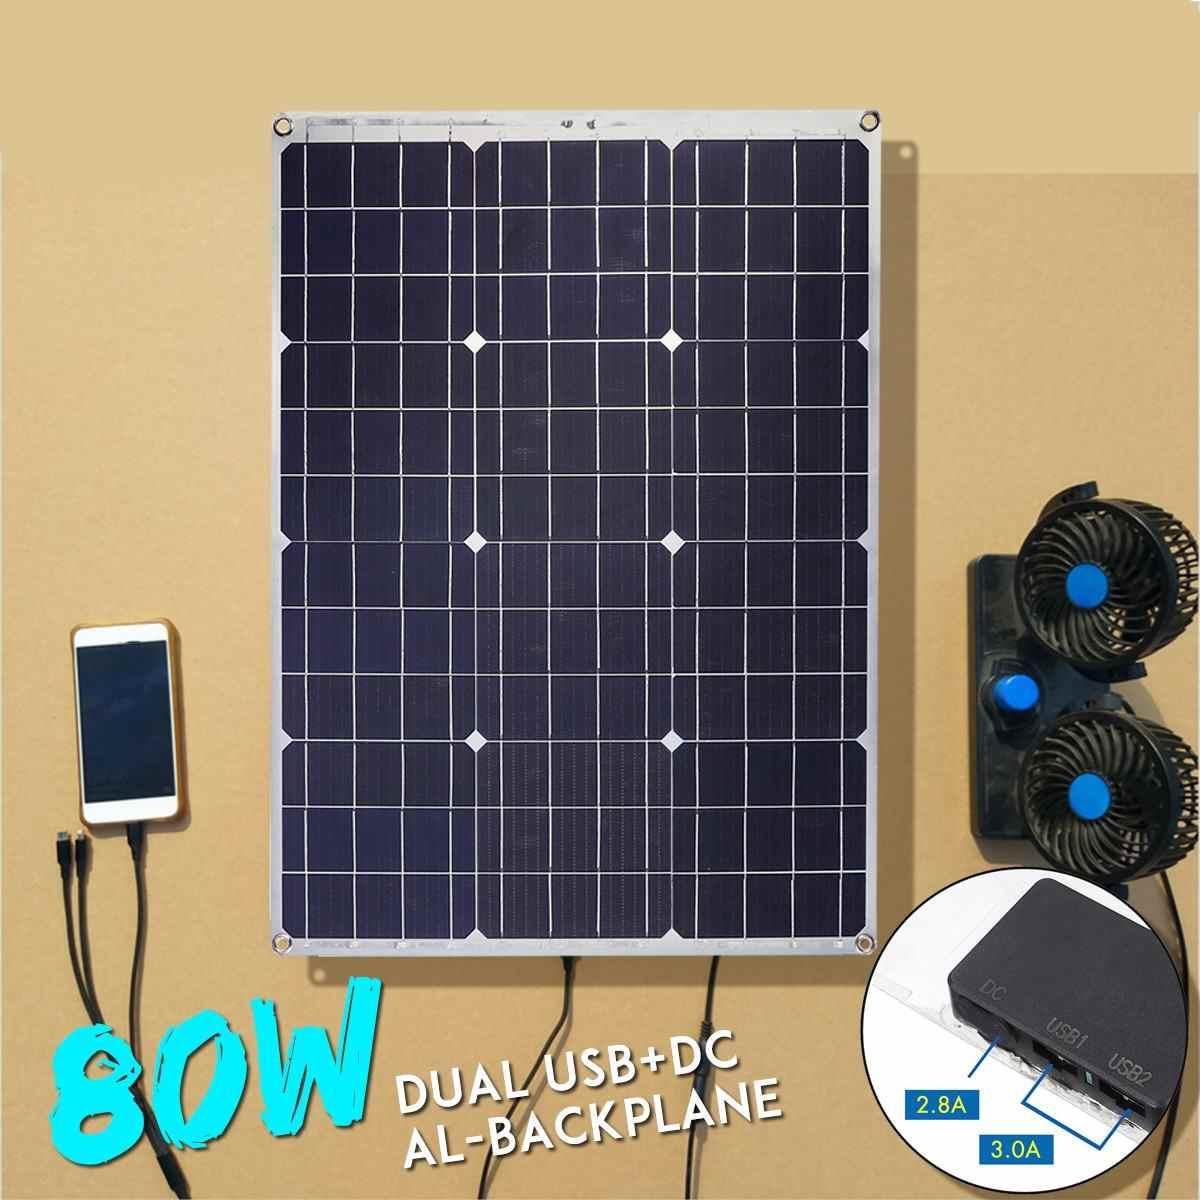 Paneles de Panel Solar duraderos de 80W doble USB interface12V/5 V Módulo de células solares para coche de yates cargador de luz Led para barcos al aire libre